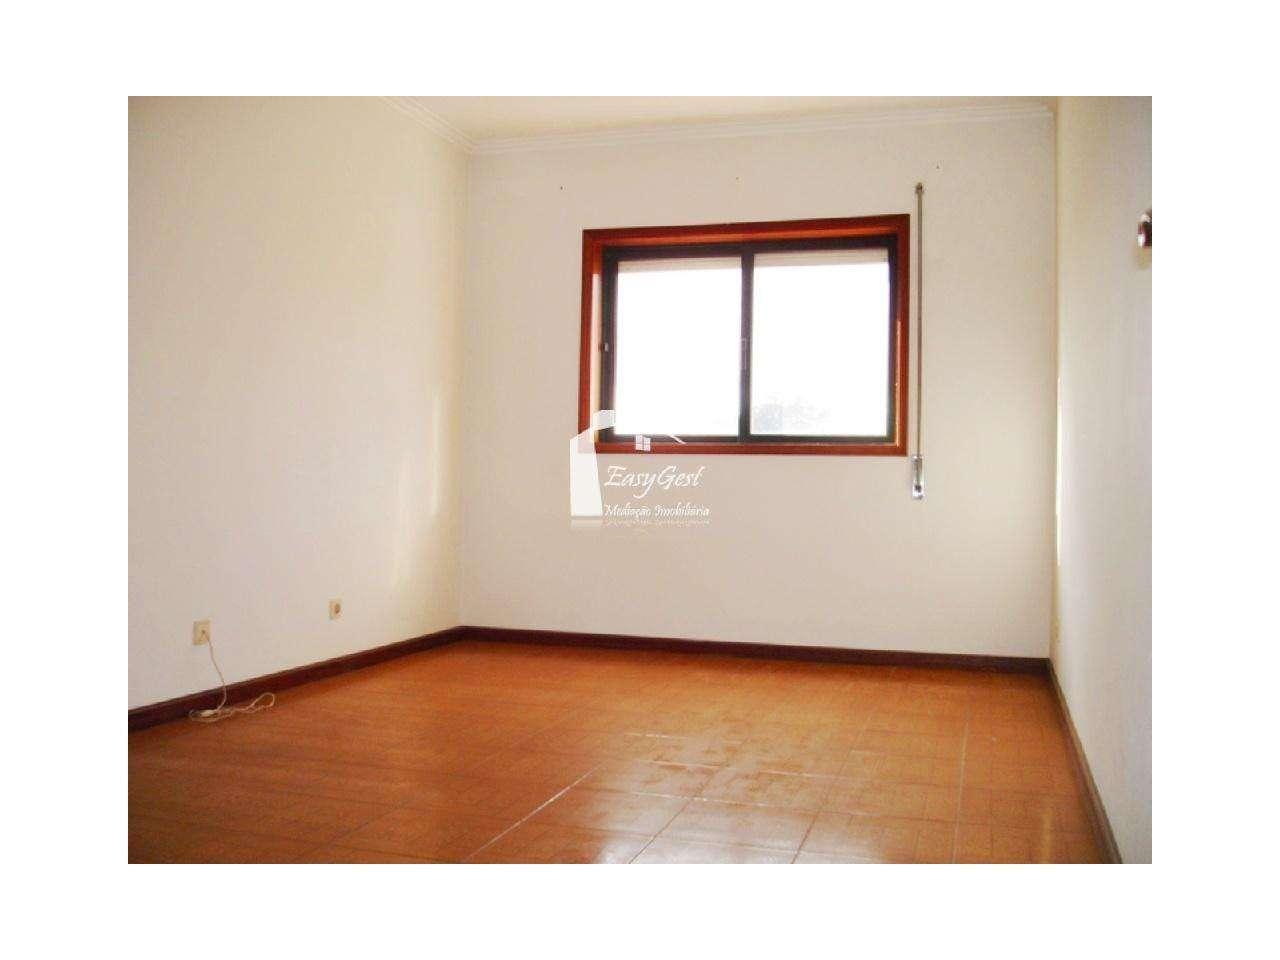 Apartamento para comprar, São Roque, Aveiro - Foto 7